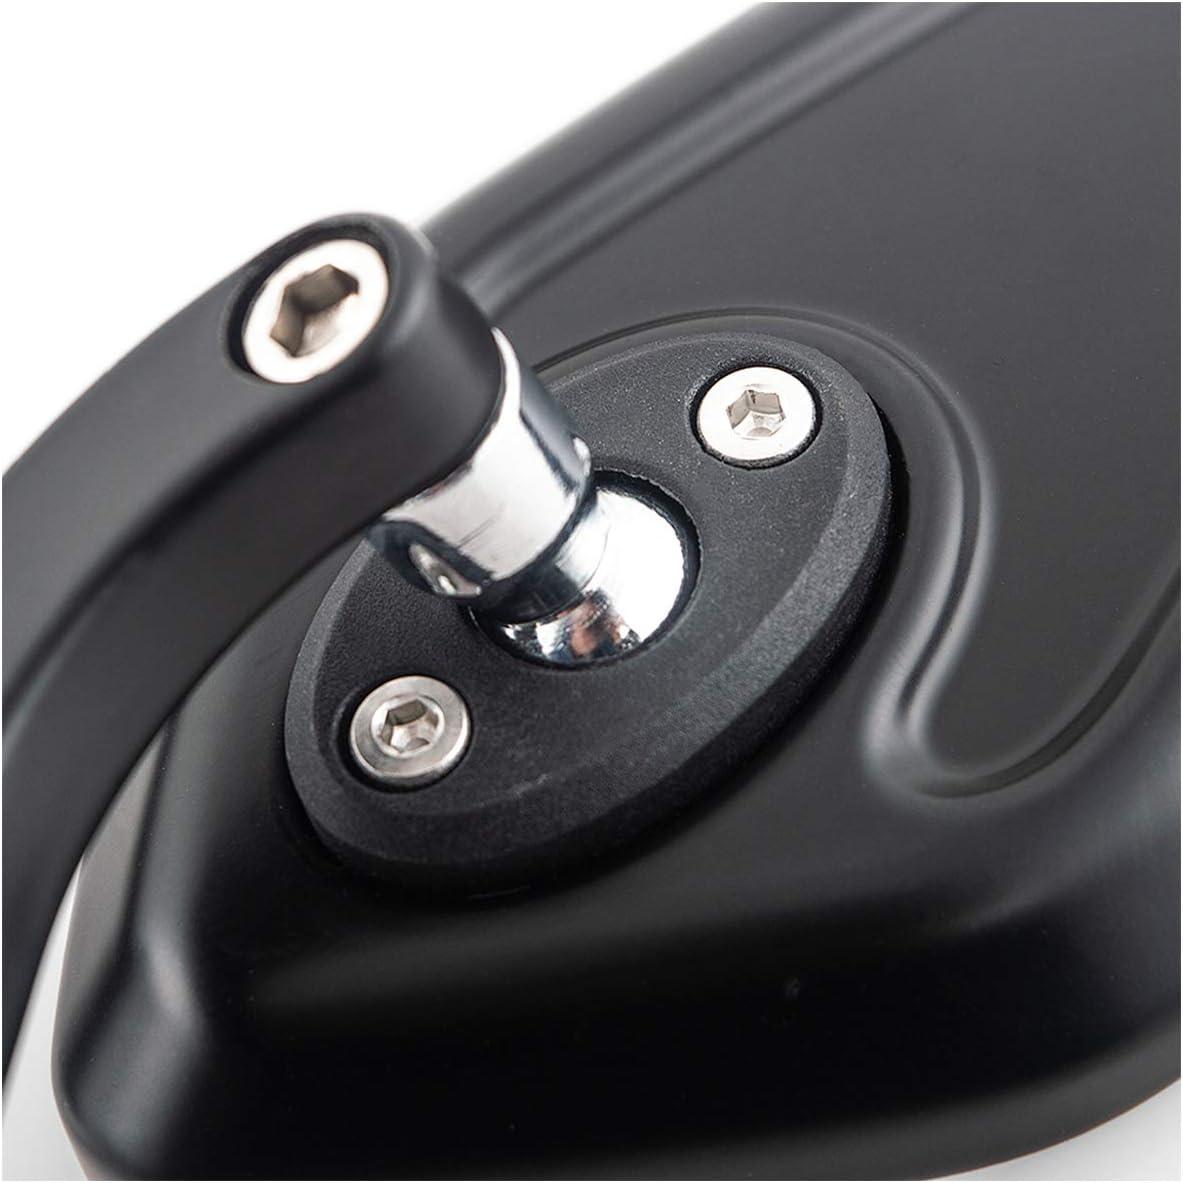 evomosa Motorrad Seitenspiegel Universal R/ückspiegel 8mm 10mm Schwarz Spiegel